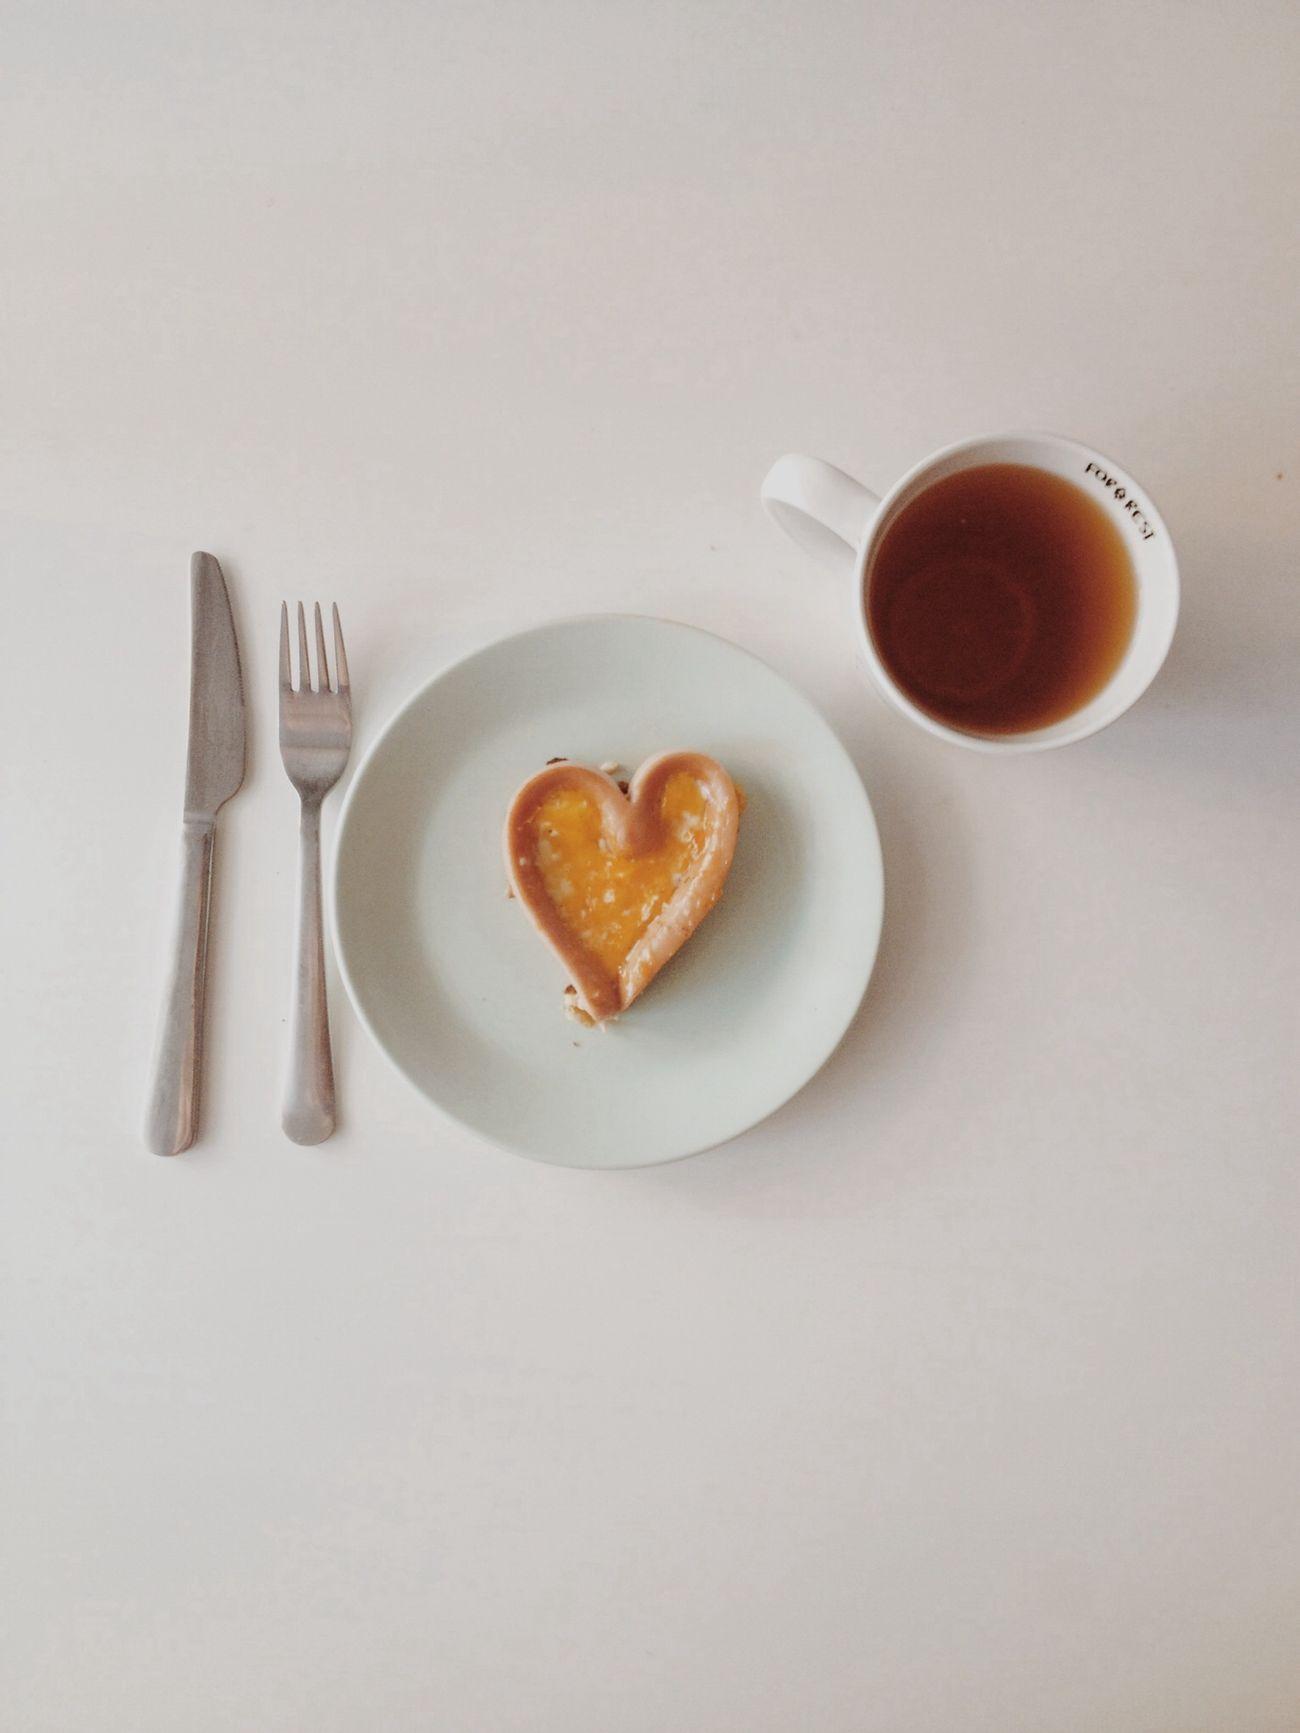 Breakfast for